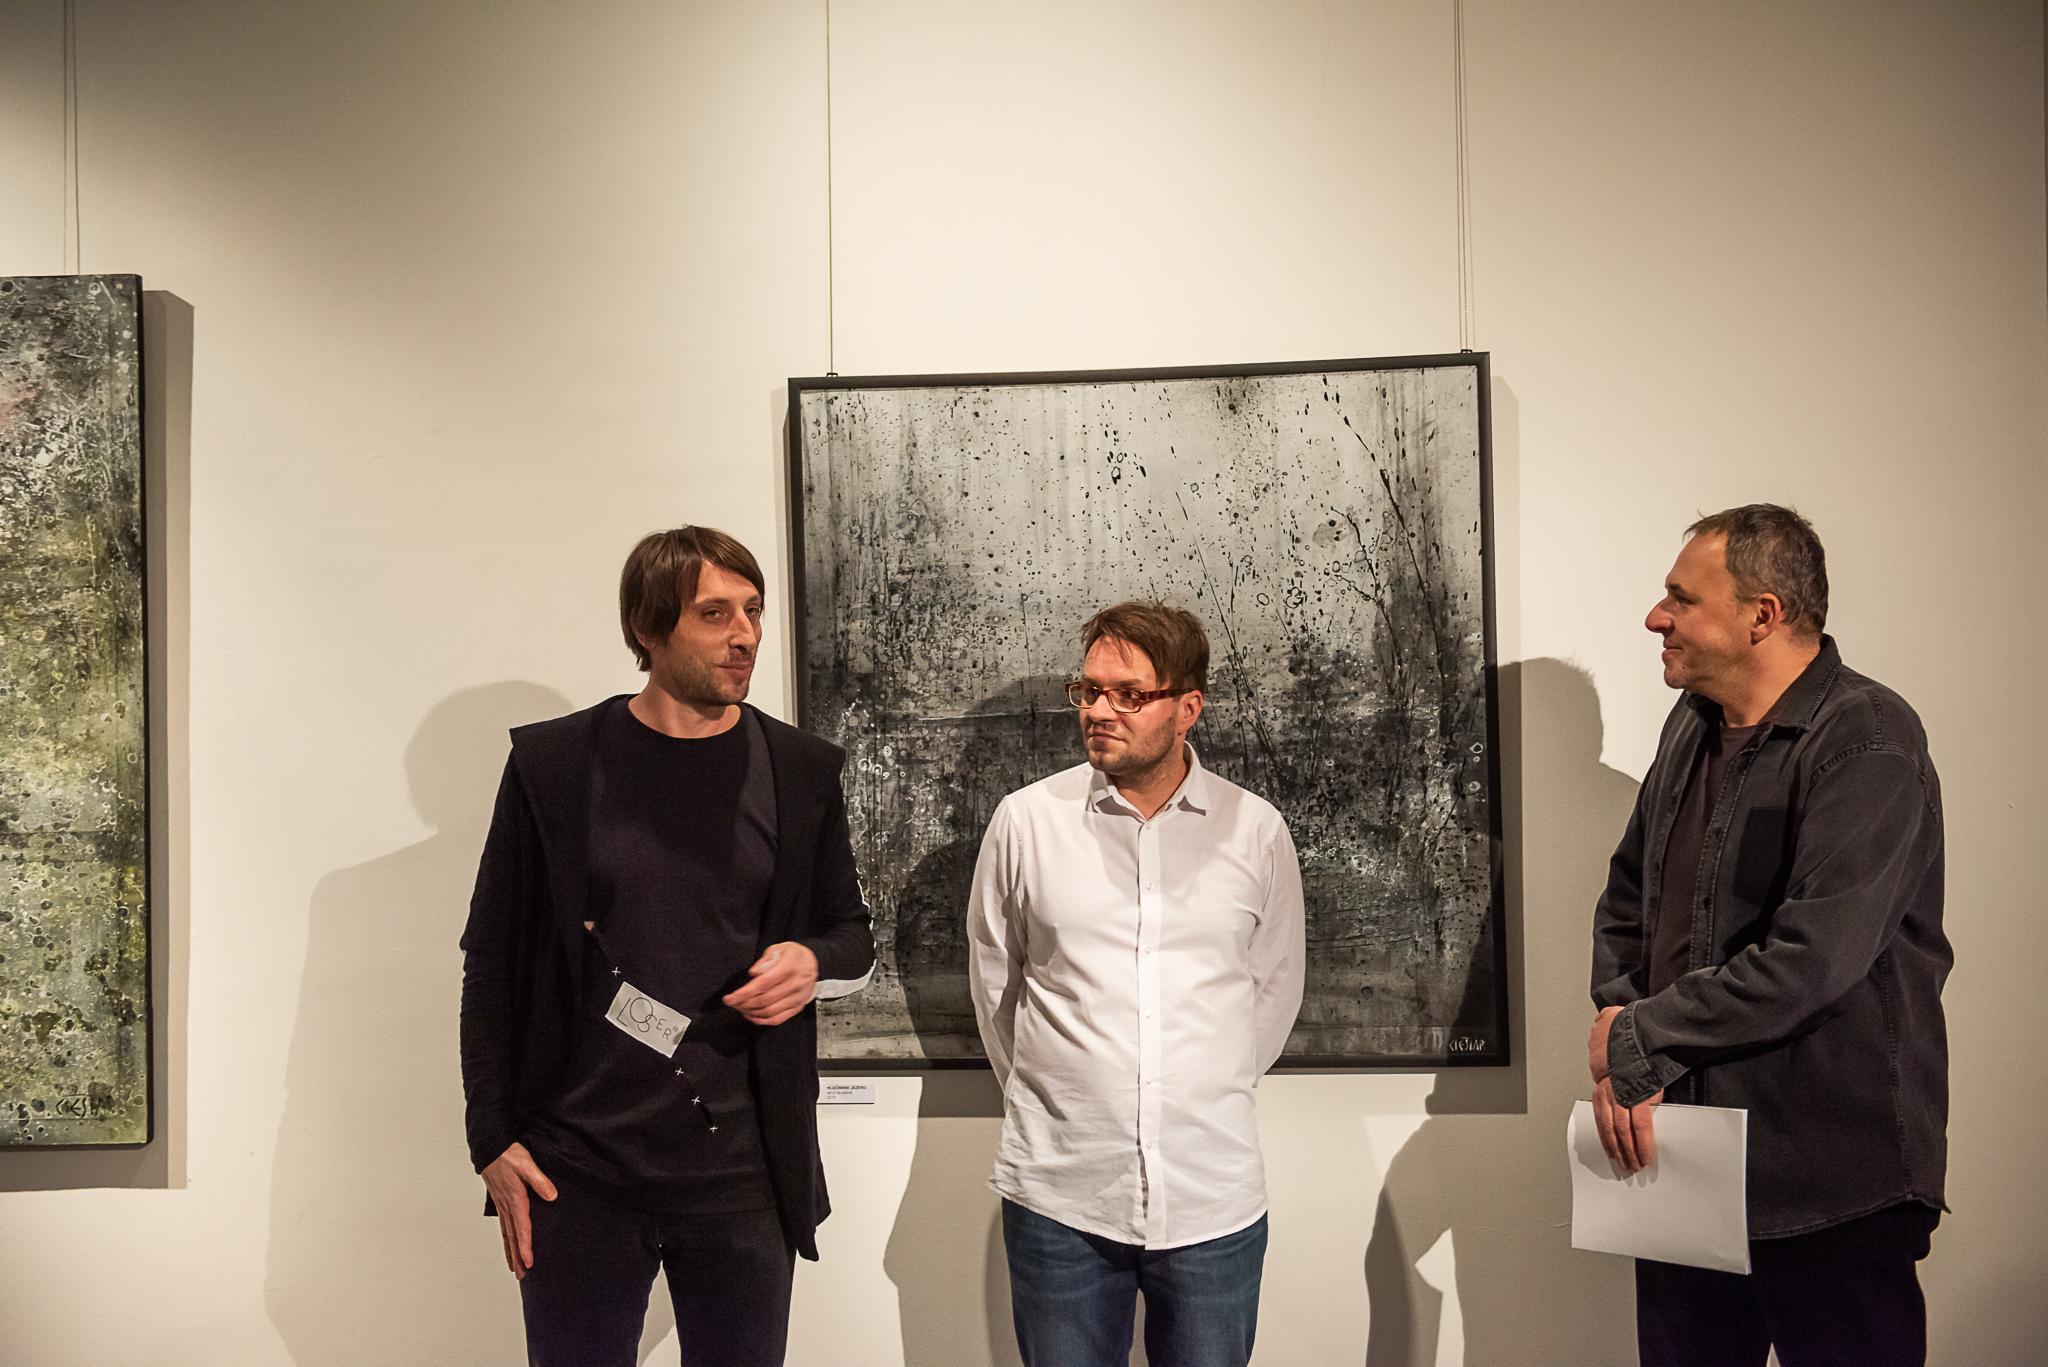 vernisáž ANDRZEJ CIEŚLAR – MEZI PRO STORY / 11. 12. 2018 // Galerie Obecního domu